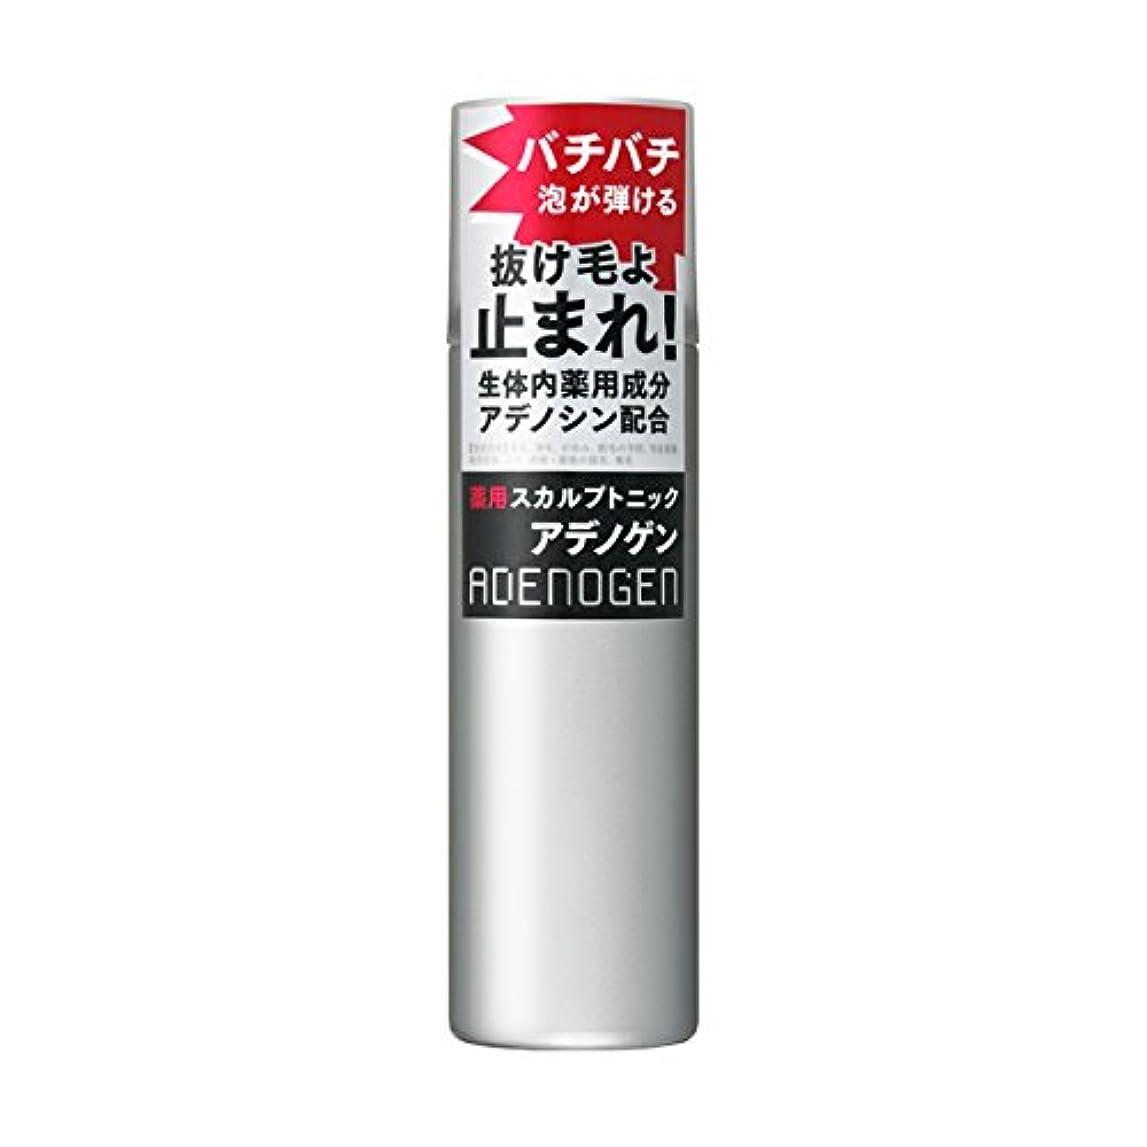 マスタードポケット可能性アデノゲン 薬用スカルプトニック 130g 【医薬部外品】